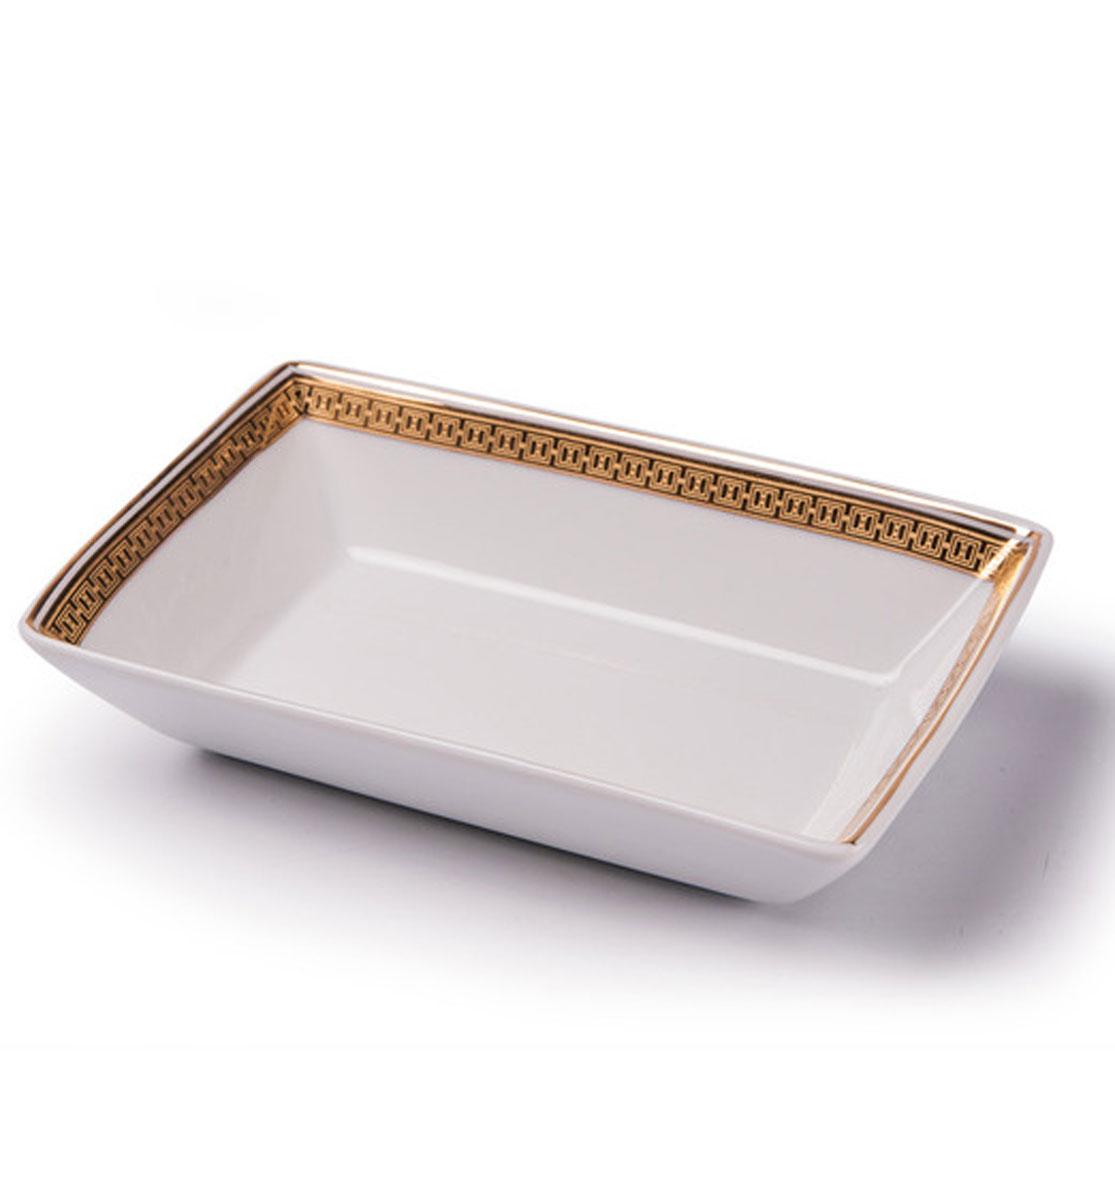 Kyoto 1555 Блюдо прямоугольное, Д13х 9 золото, цвет: белый с золотом710813 1555Блюдо прямоугольное 13 х 9 см Материал: фарфор: цвет: белый с золотом Серия: KYOTO